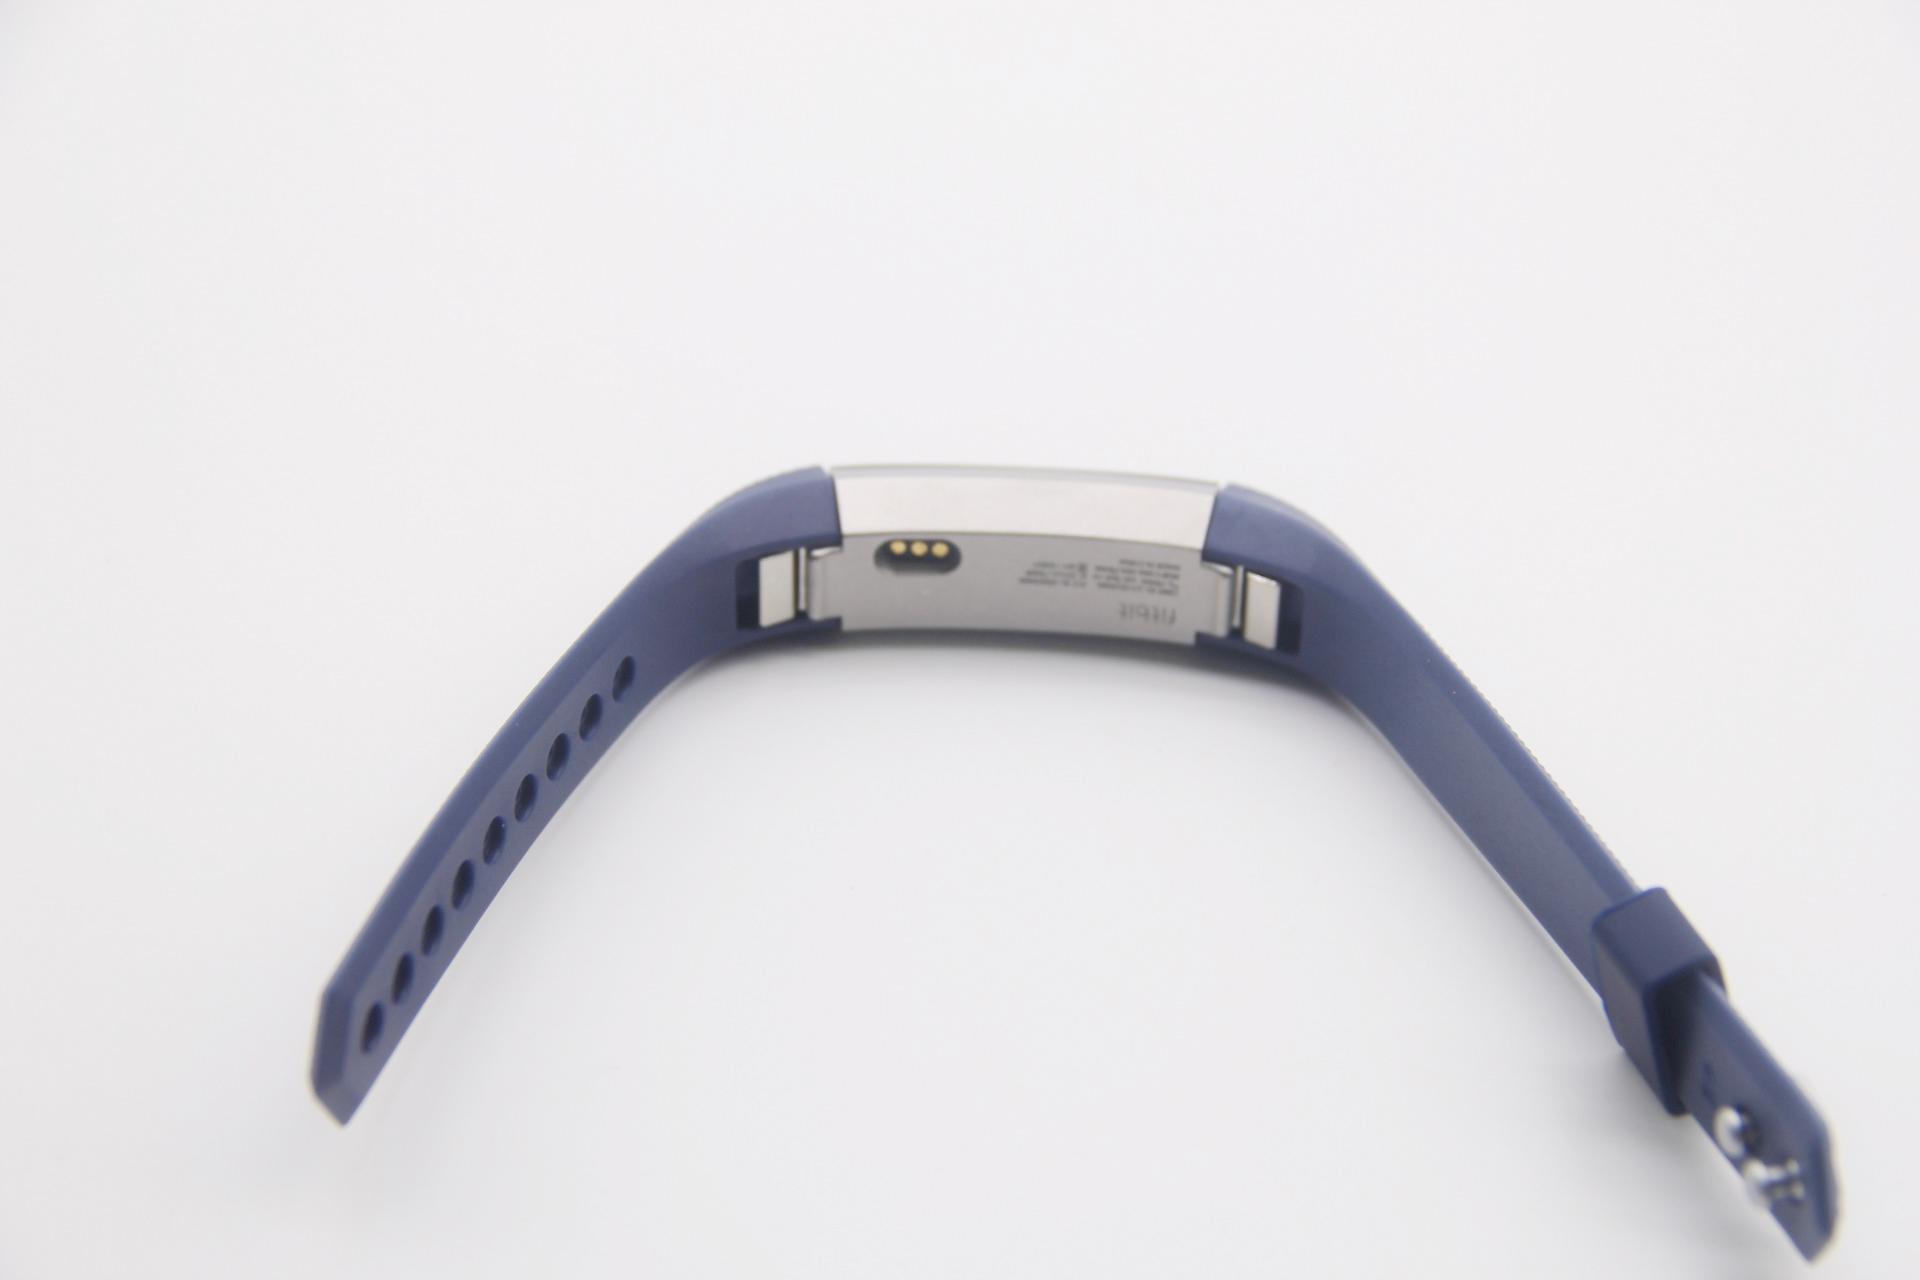 Спорт Замена ремешок Мягкий силиконовый ремешок для Fitbit Альта ТПА ремешка 18 цветов FitBit Альта полосы